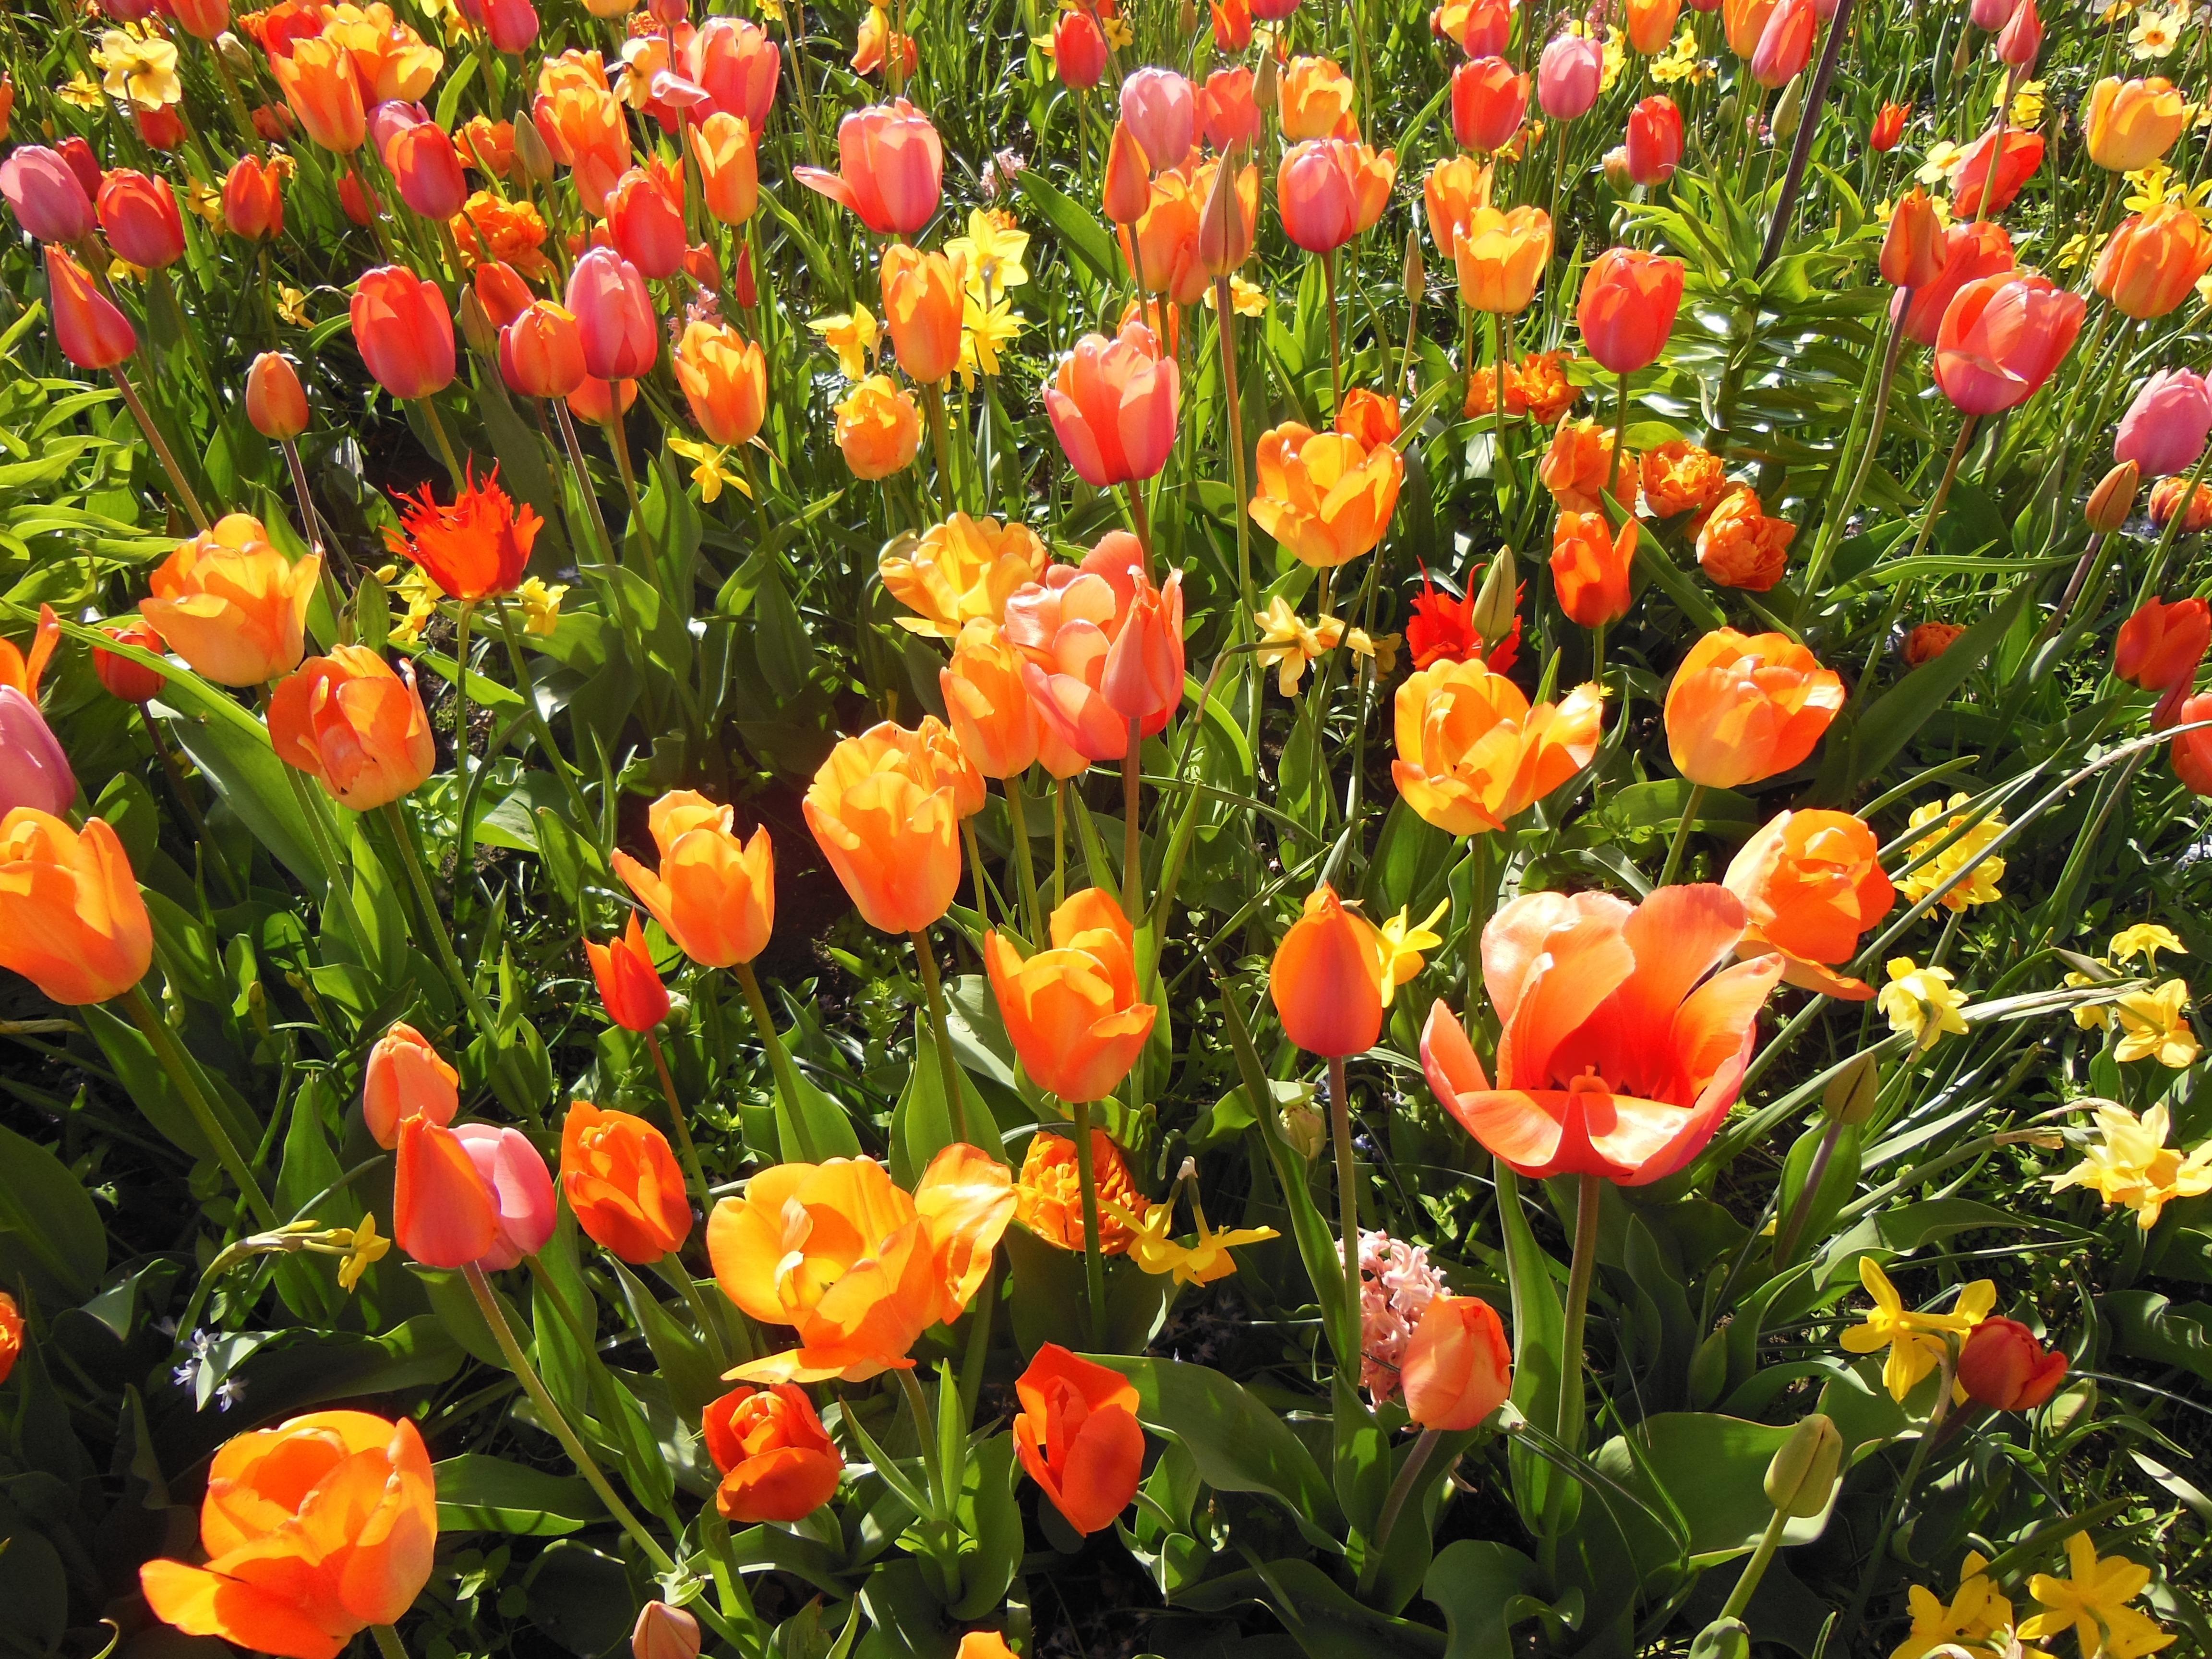 Kostenlose foto : Sonnenschein, Blume, Sommer-, Tulpe, Frühling ...